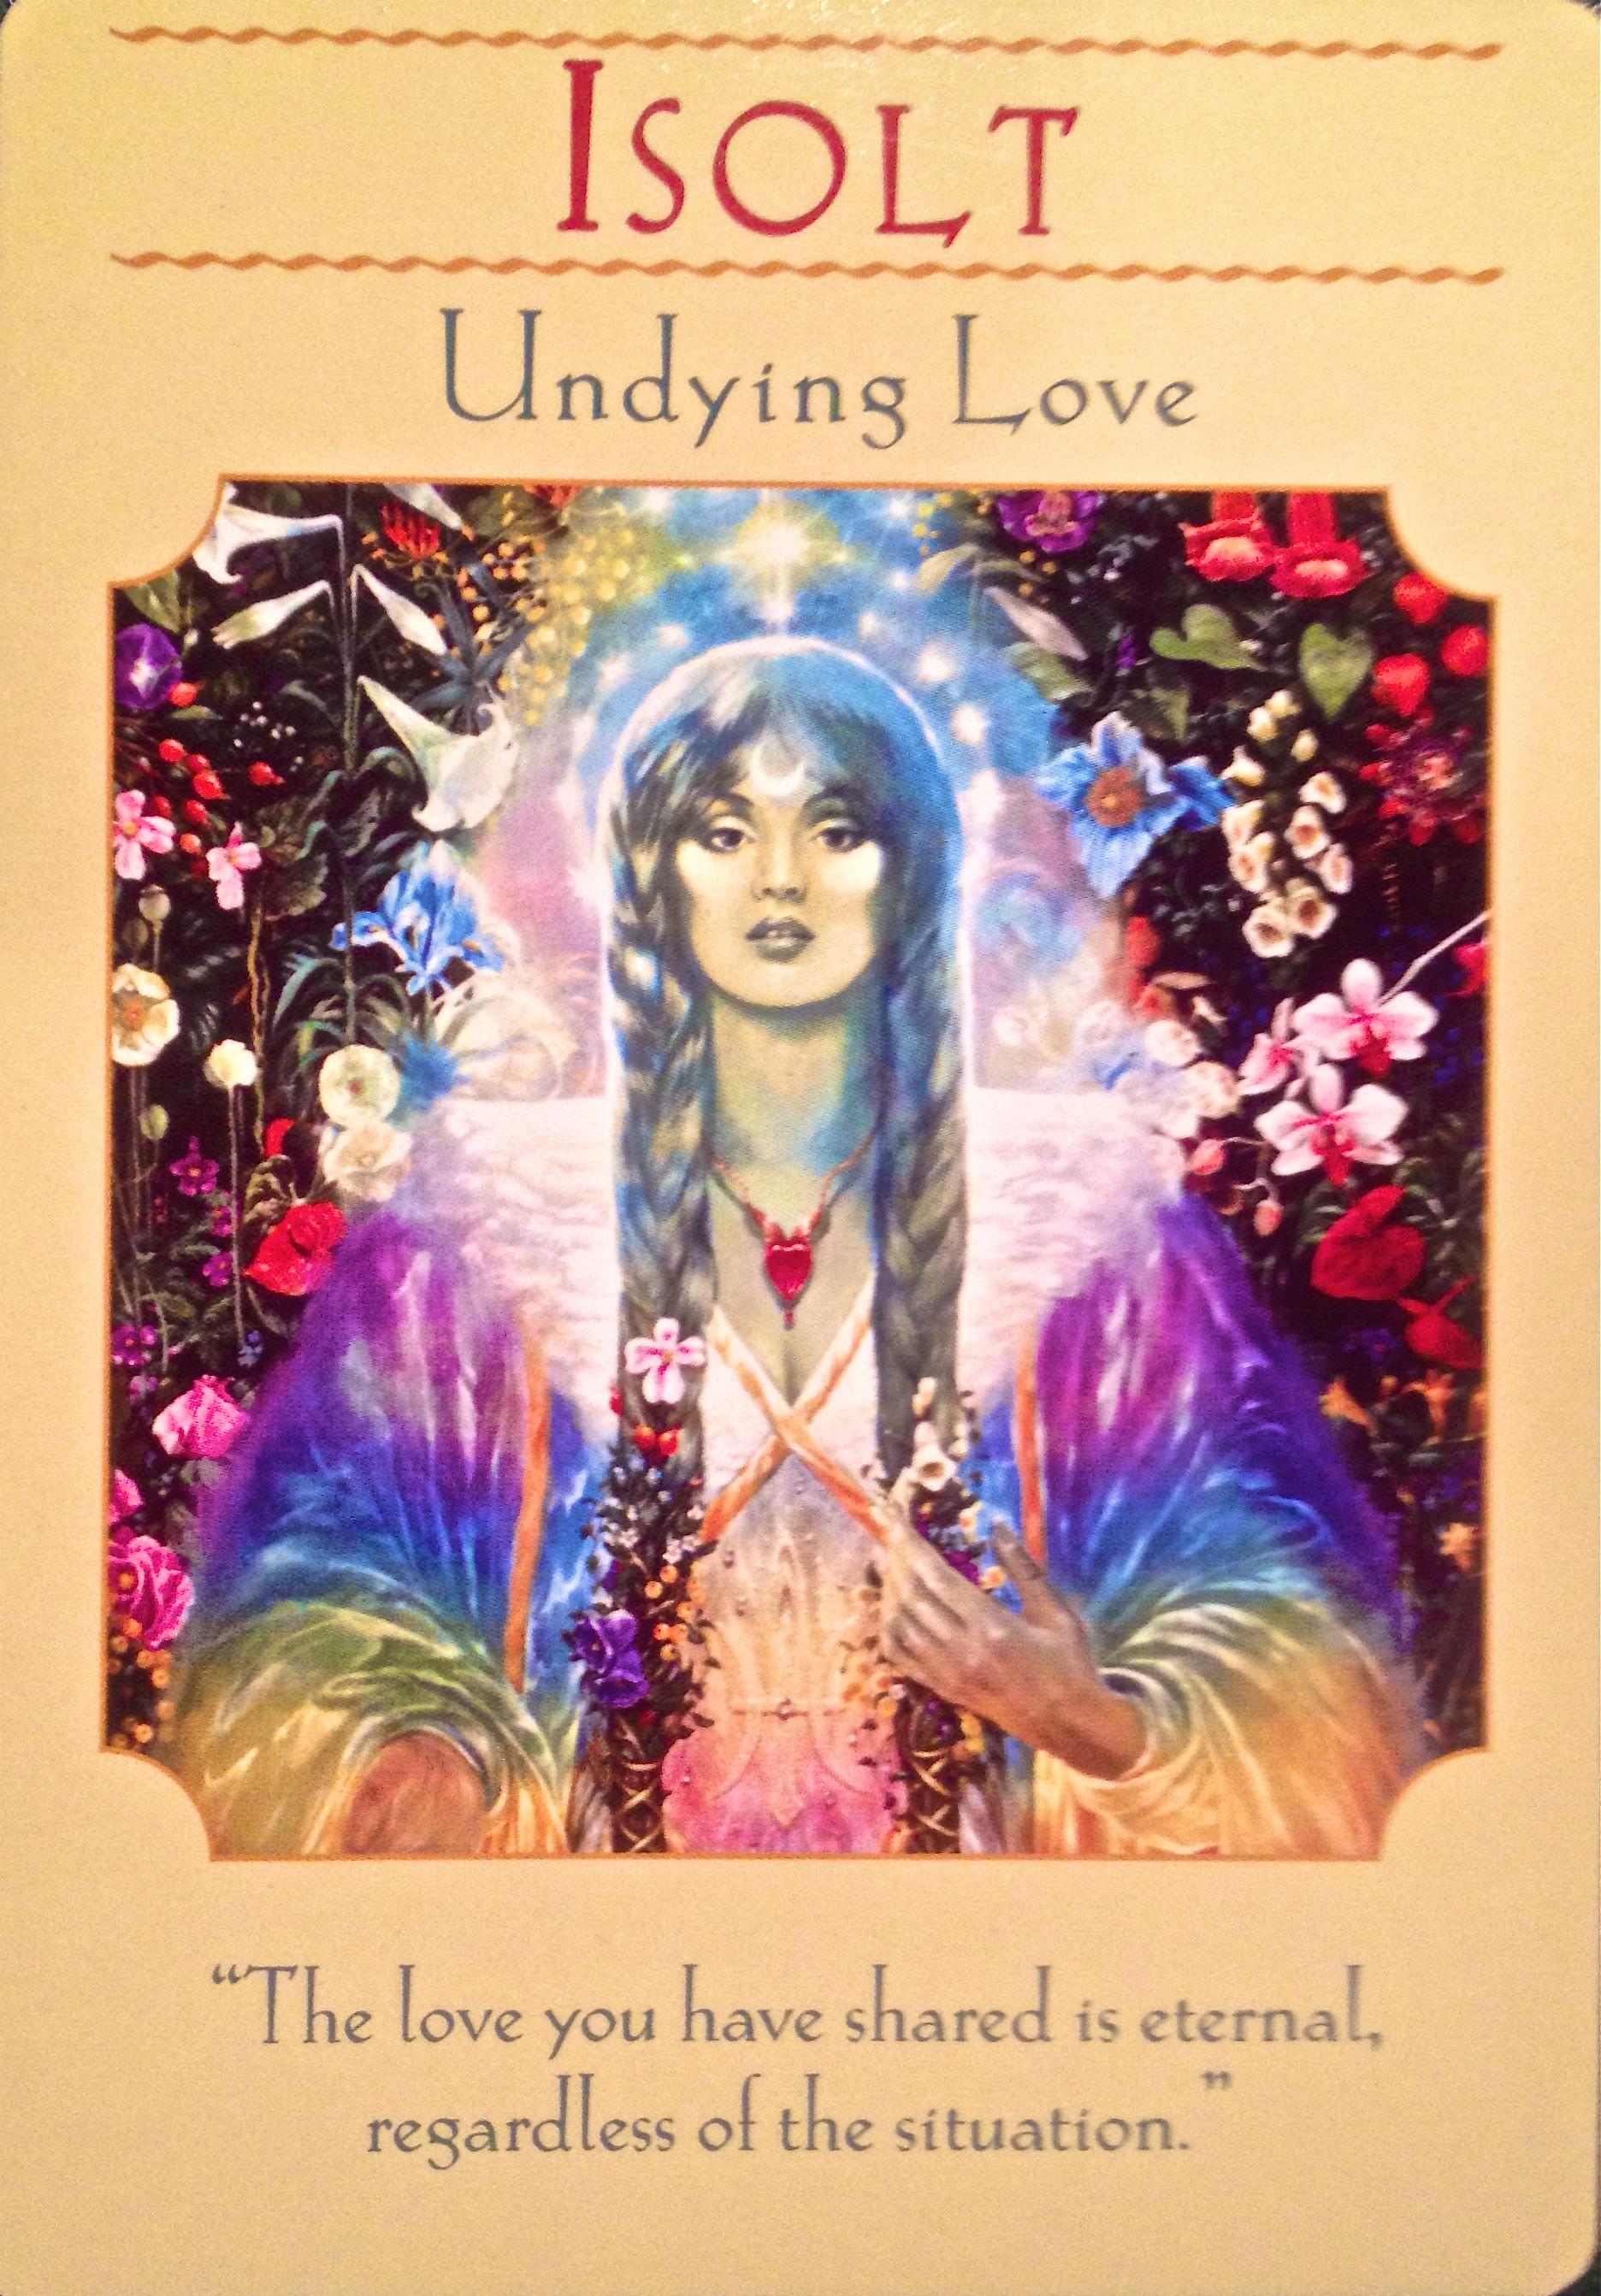 Goddess Isolt ~ Undying Love